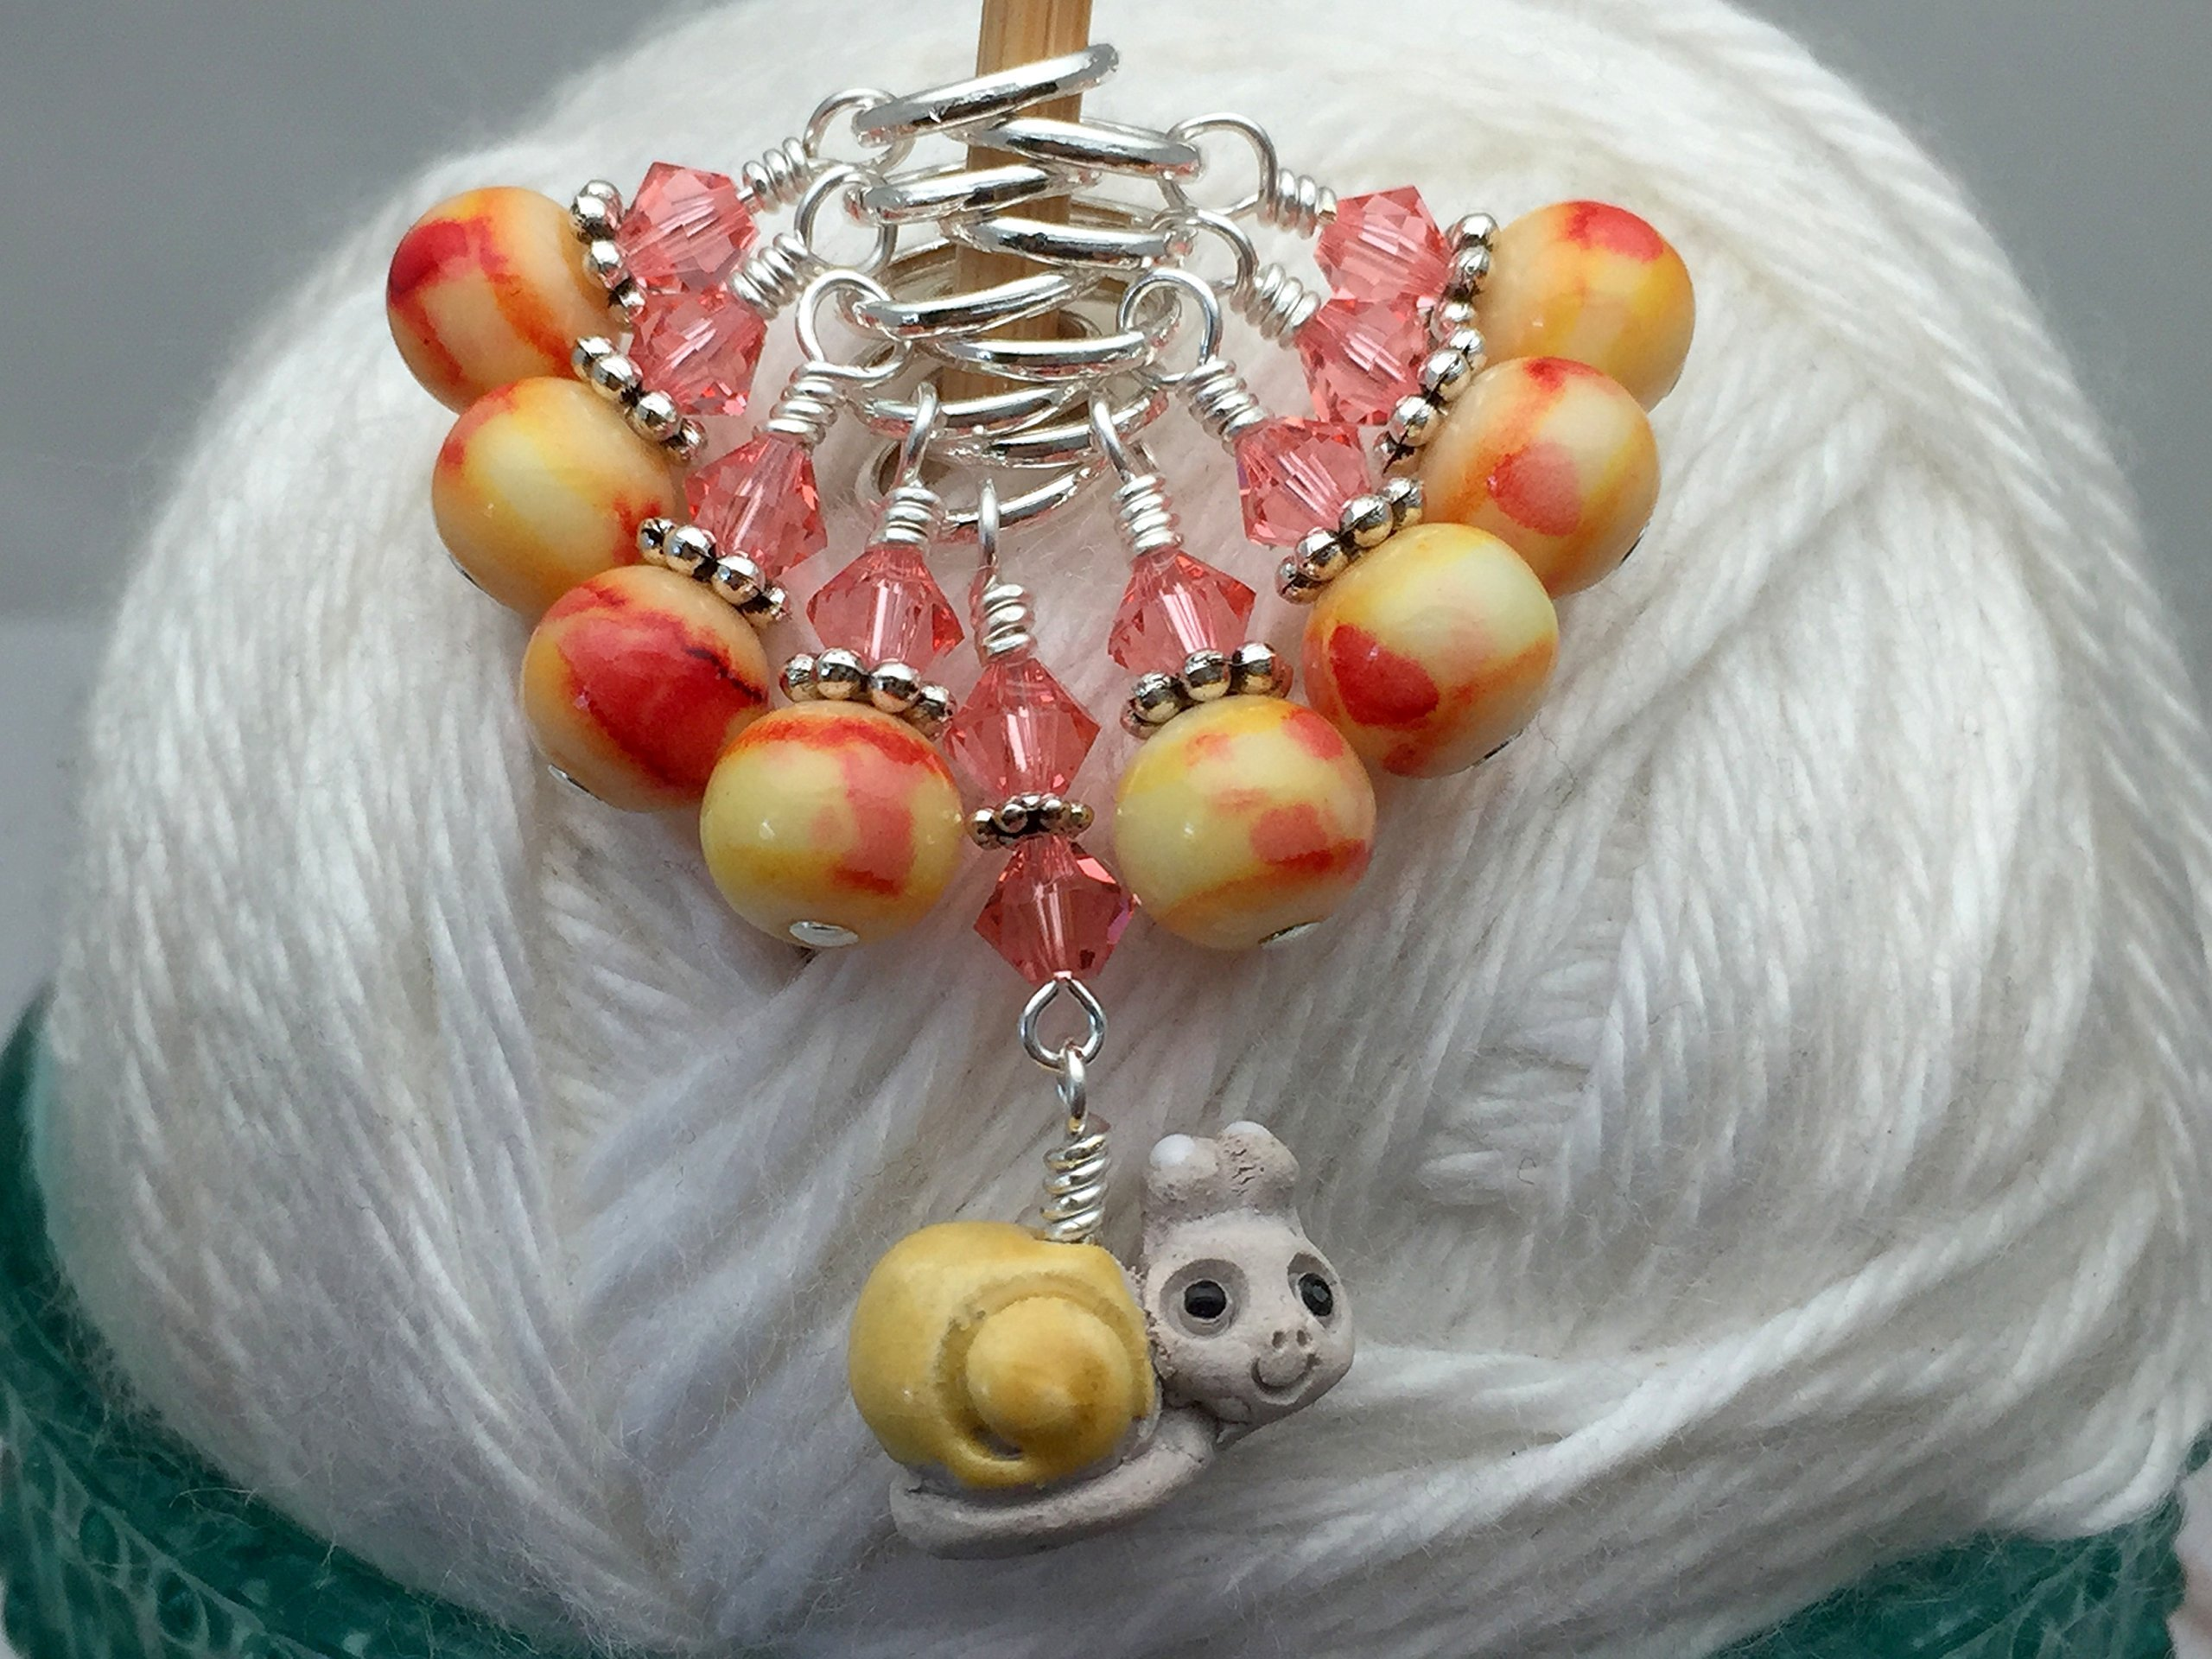 Cute Snail Stitch Marker Charm Set- Knitting Jewelry